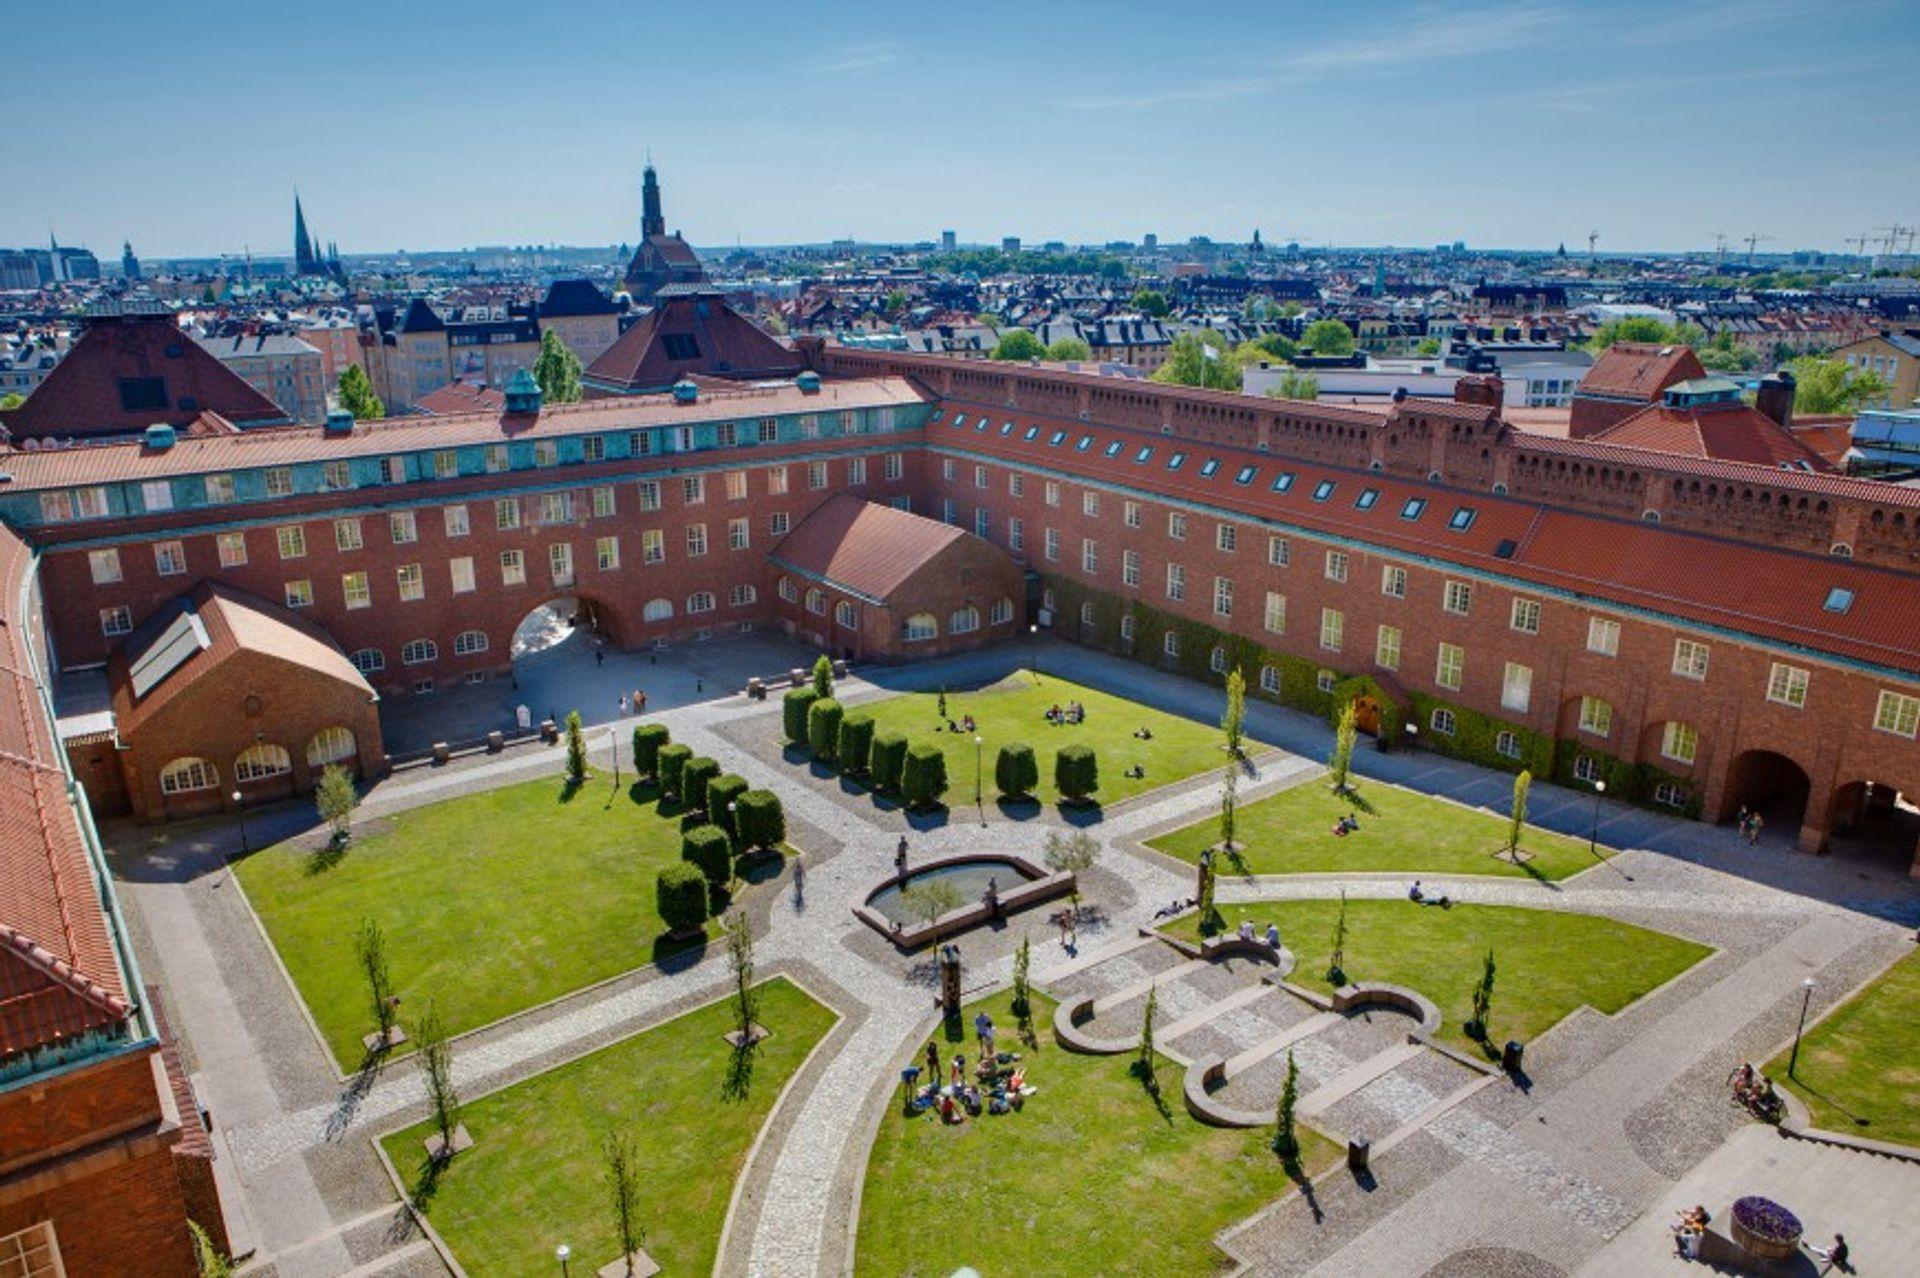 KTH Borggården